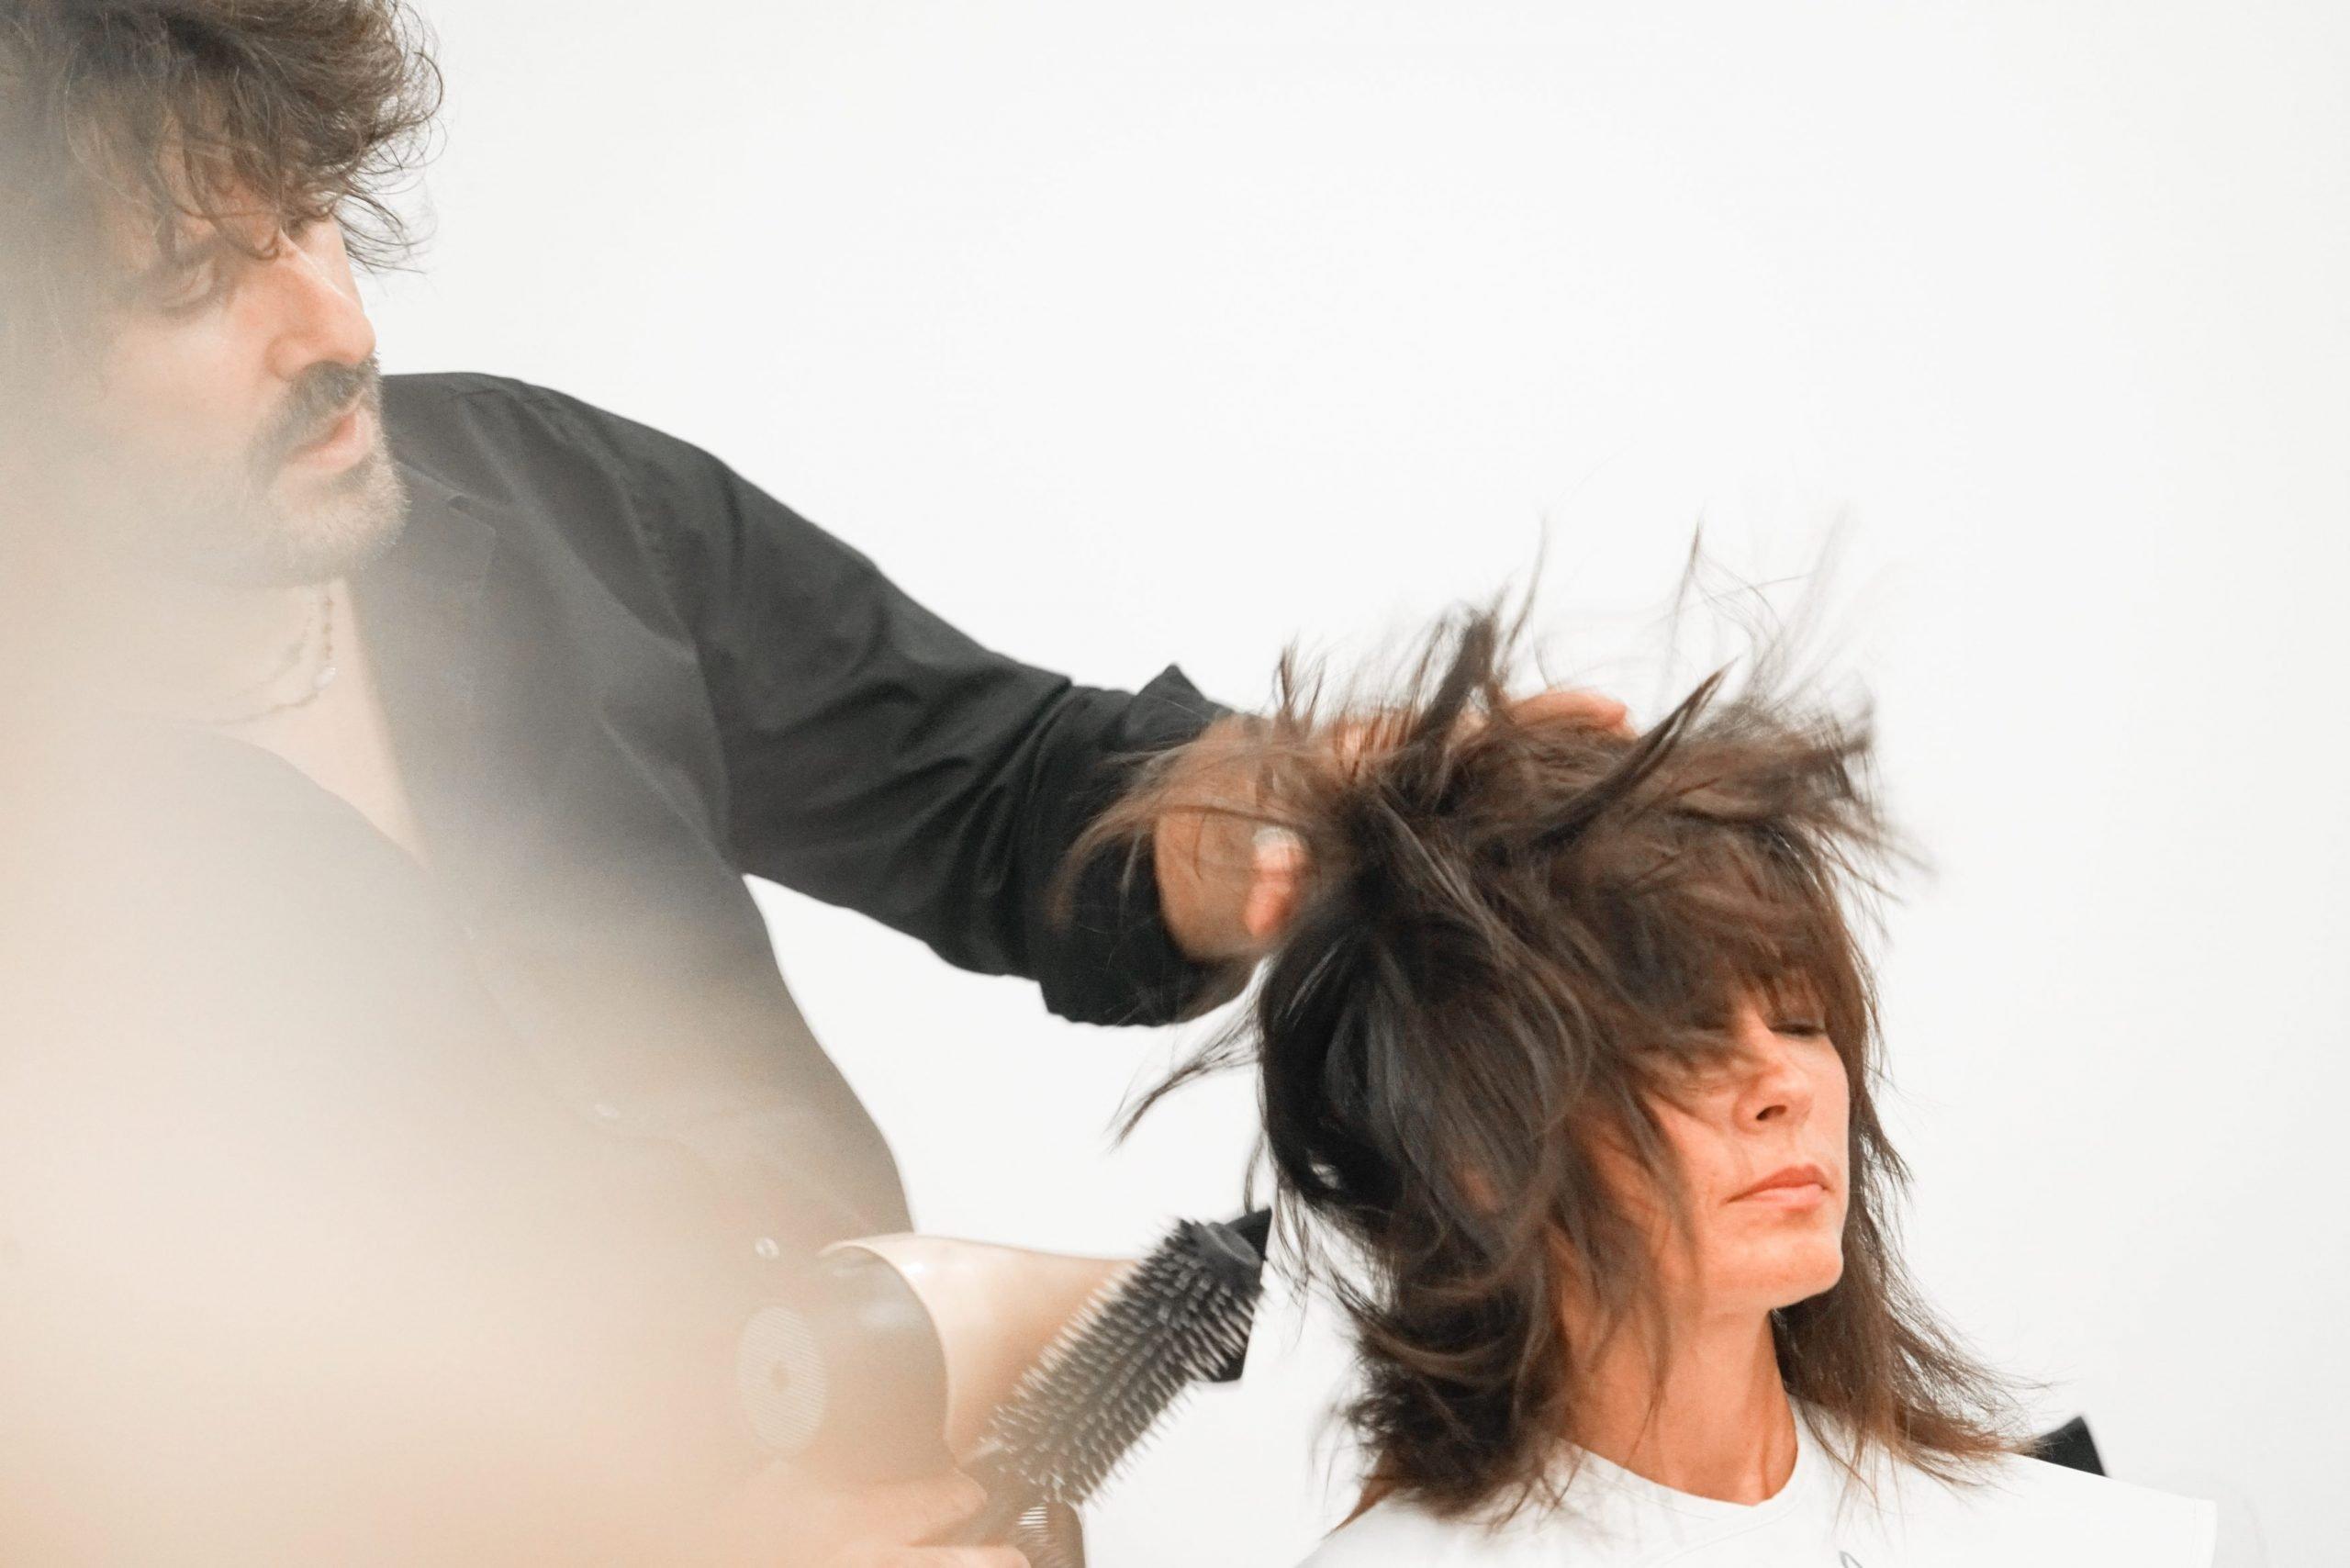 Fondamentali per un taglio di capelli